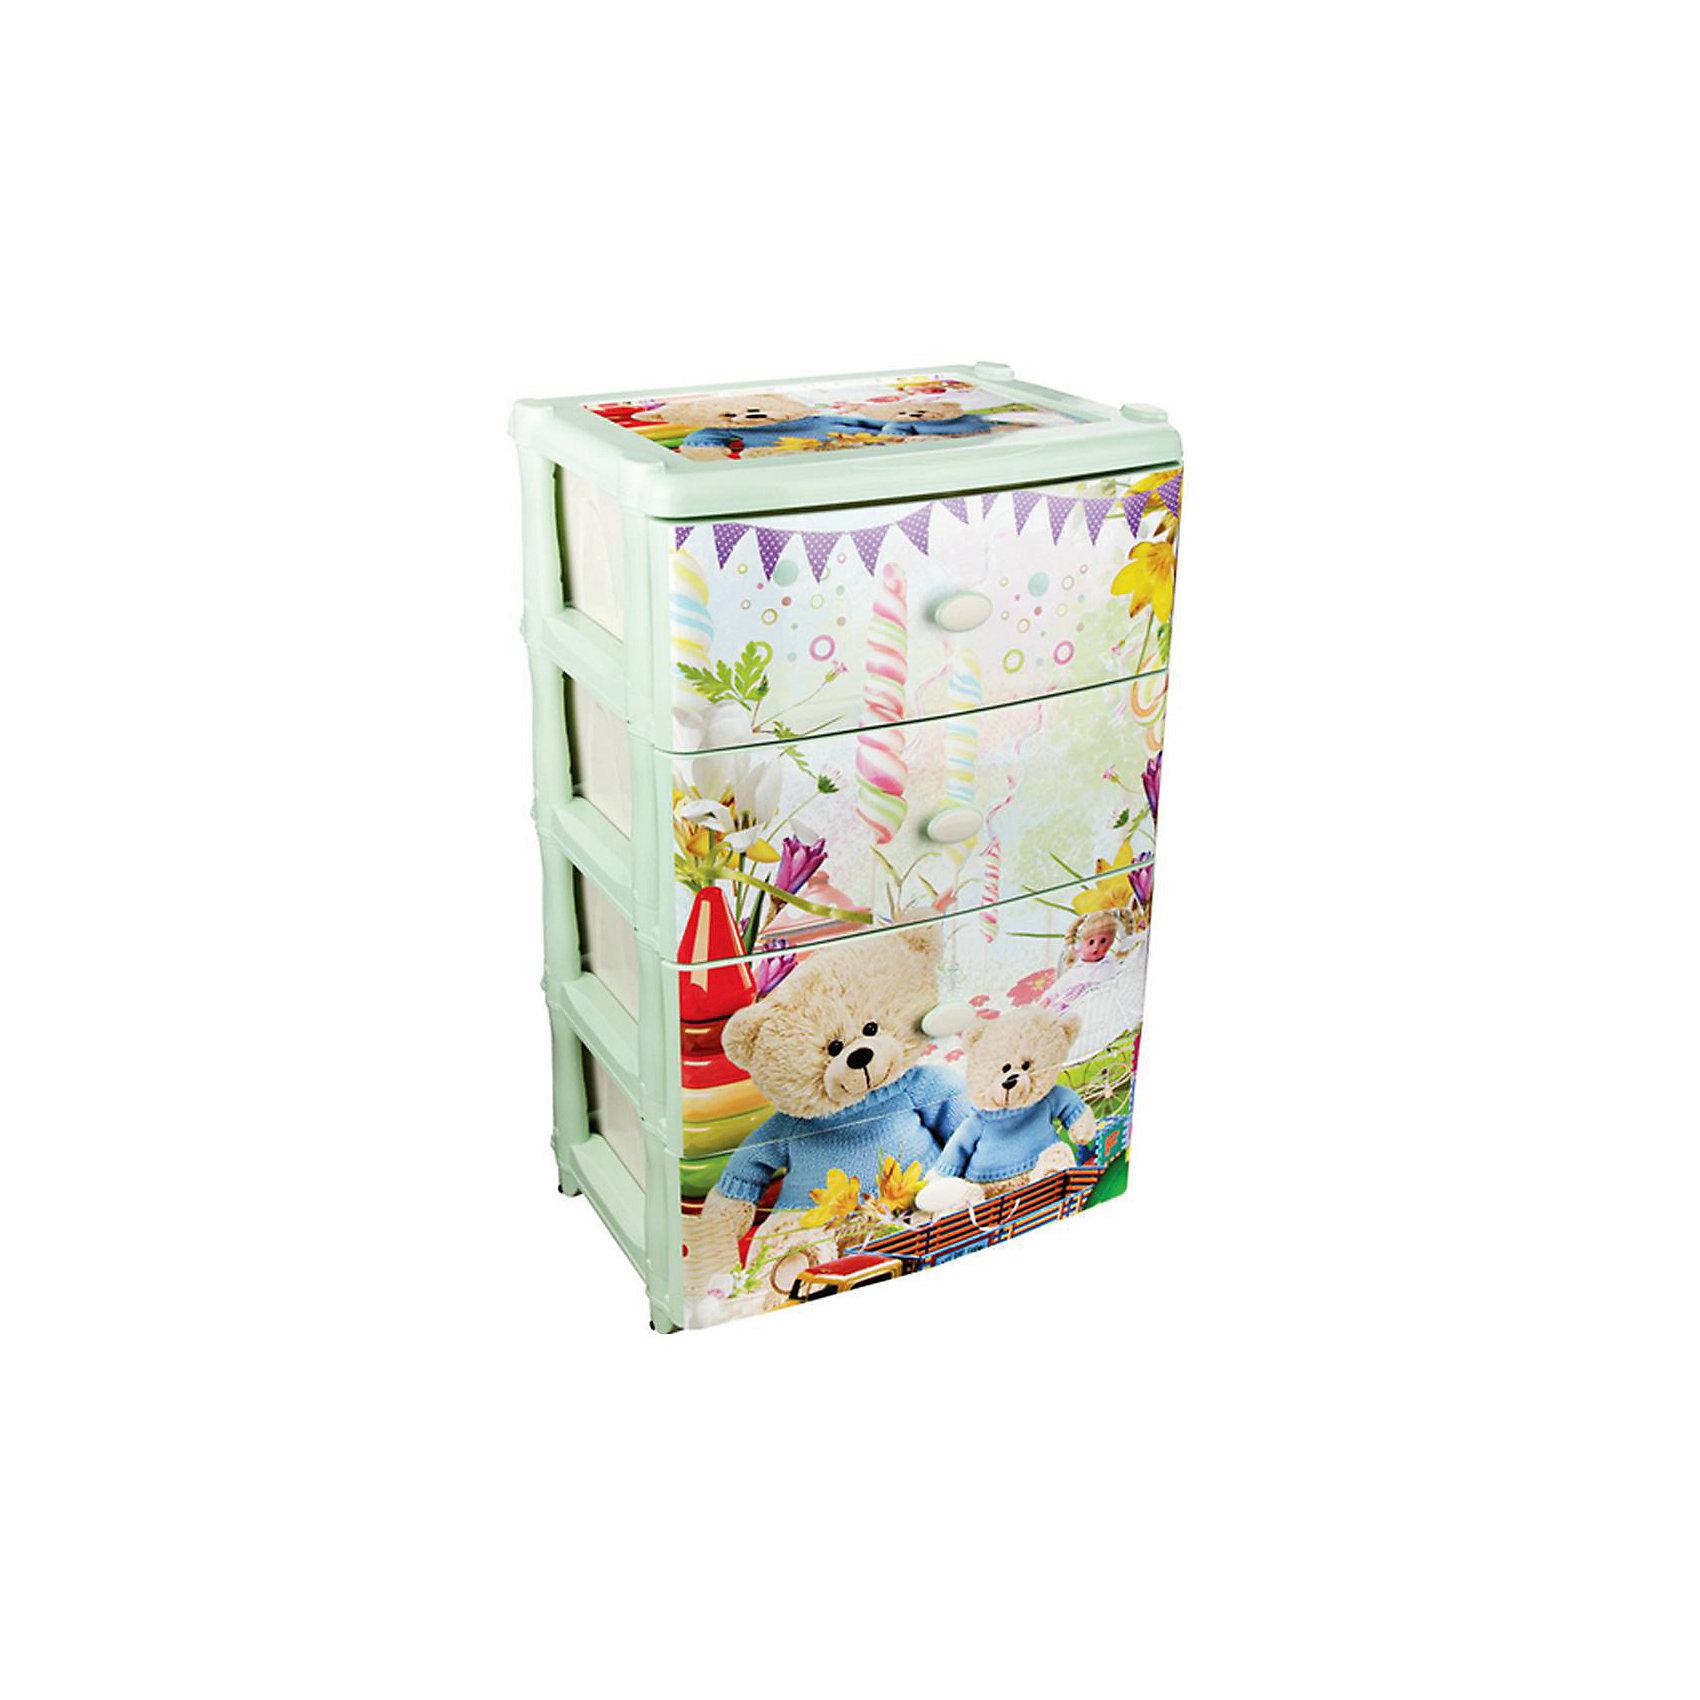 Комод широкий Мульти-пульти 4-х секцион. ,  AlternativaКомод Мульти-пульти оптимально широкий и вместительный. Он состоит четырех выдвижных ящиков, в которых удобно хранить игрушки или детскую одежду. Снаружи декорирован рисунком с изображением праздника медвежат.  Отличный выбор для детской комнаты!<br><br>Дополнительная информация:<br>Размер: 42,5х56х90,5 см<br>Материал: пластик<br><br>Комод Мульти-пульти можно купить в нашем интернет-магазине.<br><br>Ширина мм: 425<br>Глубина мм: 560<br>Высота мм: 905<br>Вес г: 6199<br>Возраст от месяцев: 36<br>Возраст до месяцев: 144<br>Пол: Унисекс<br>Возраст: Детский<br>SKU: 4979713